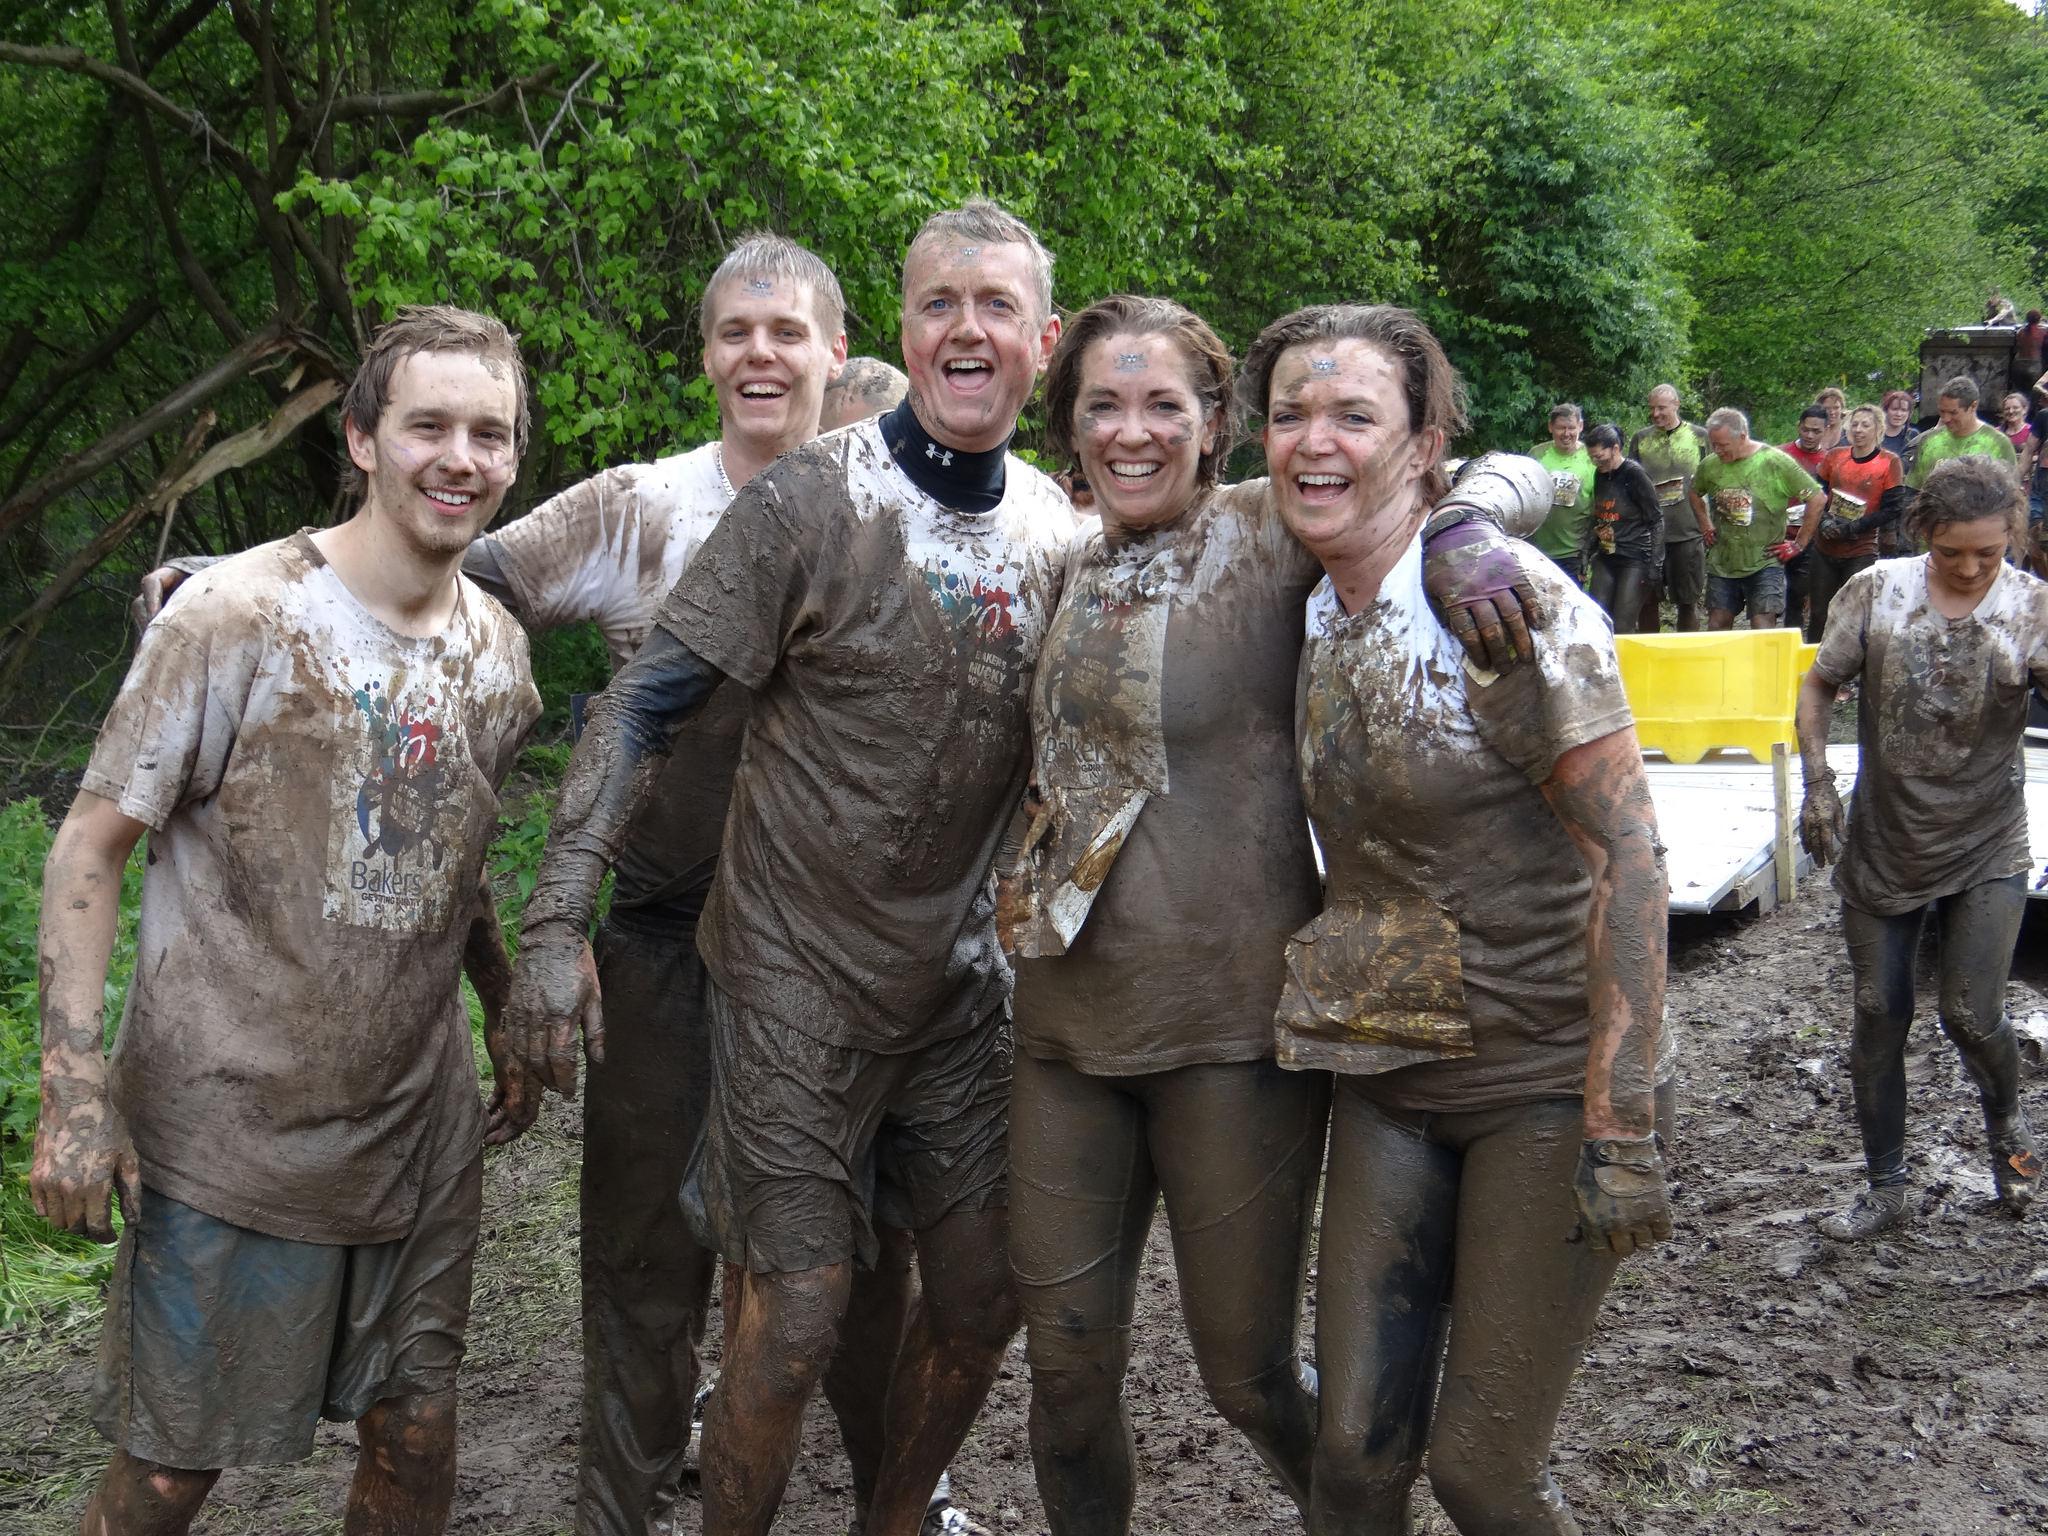 Bakers' team get muddy